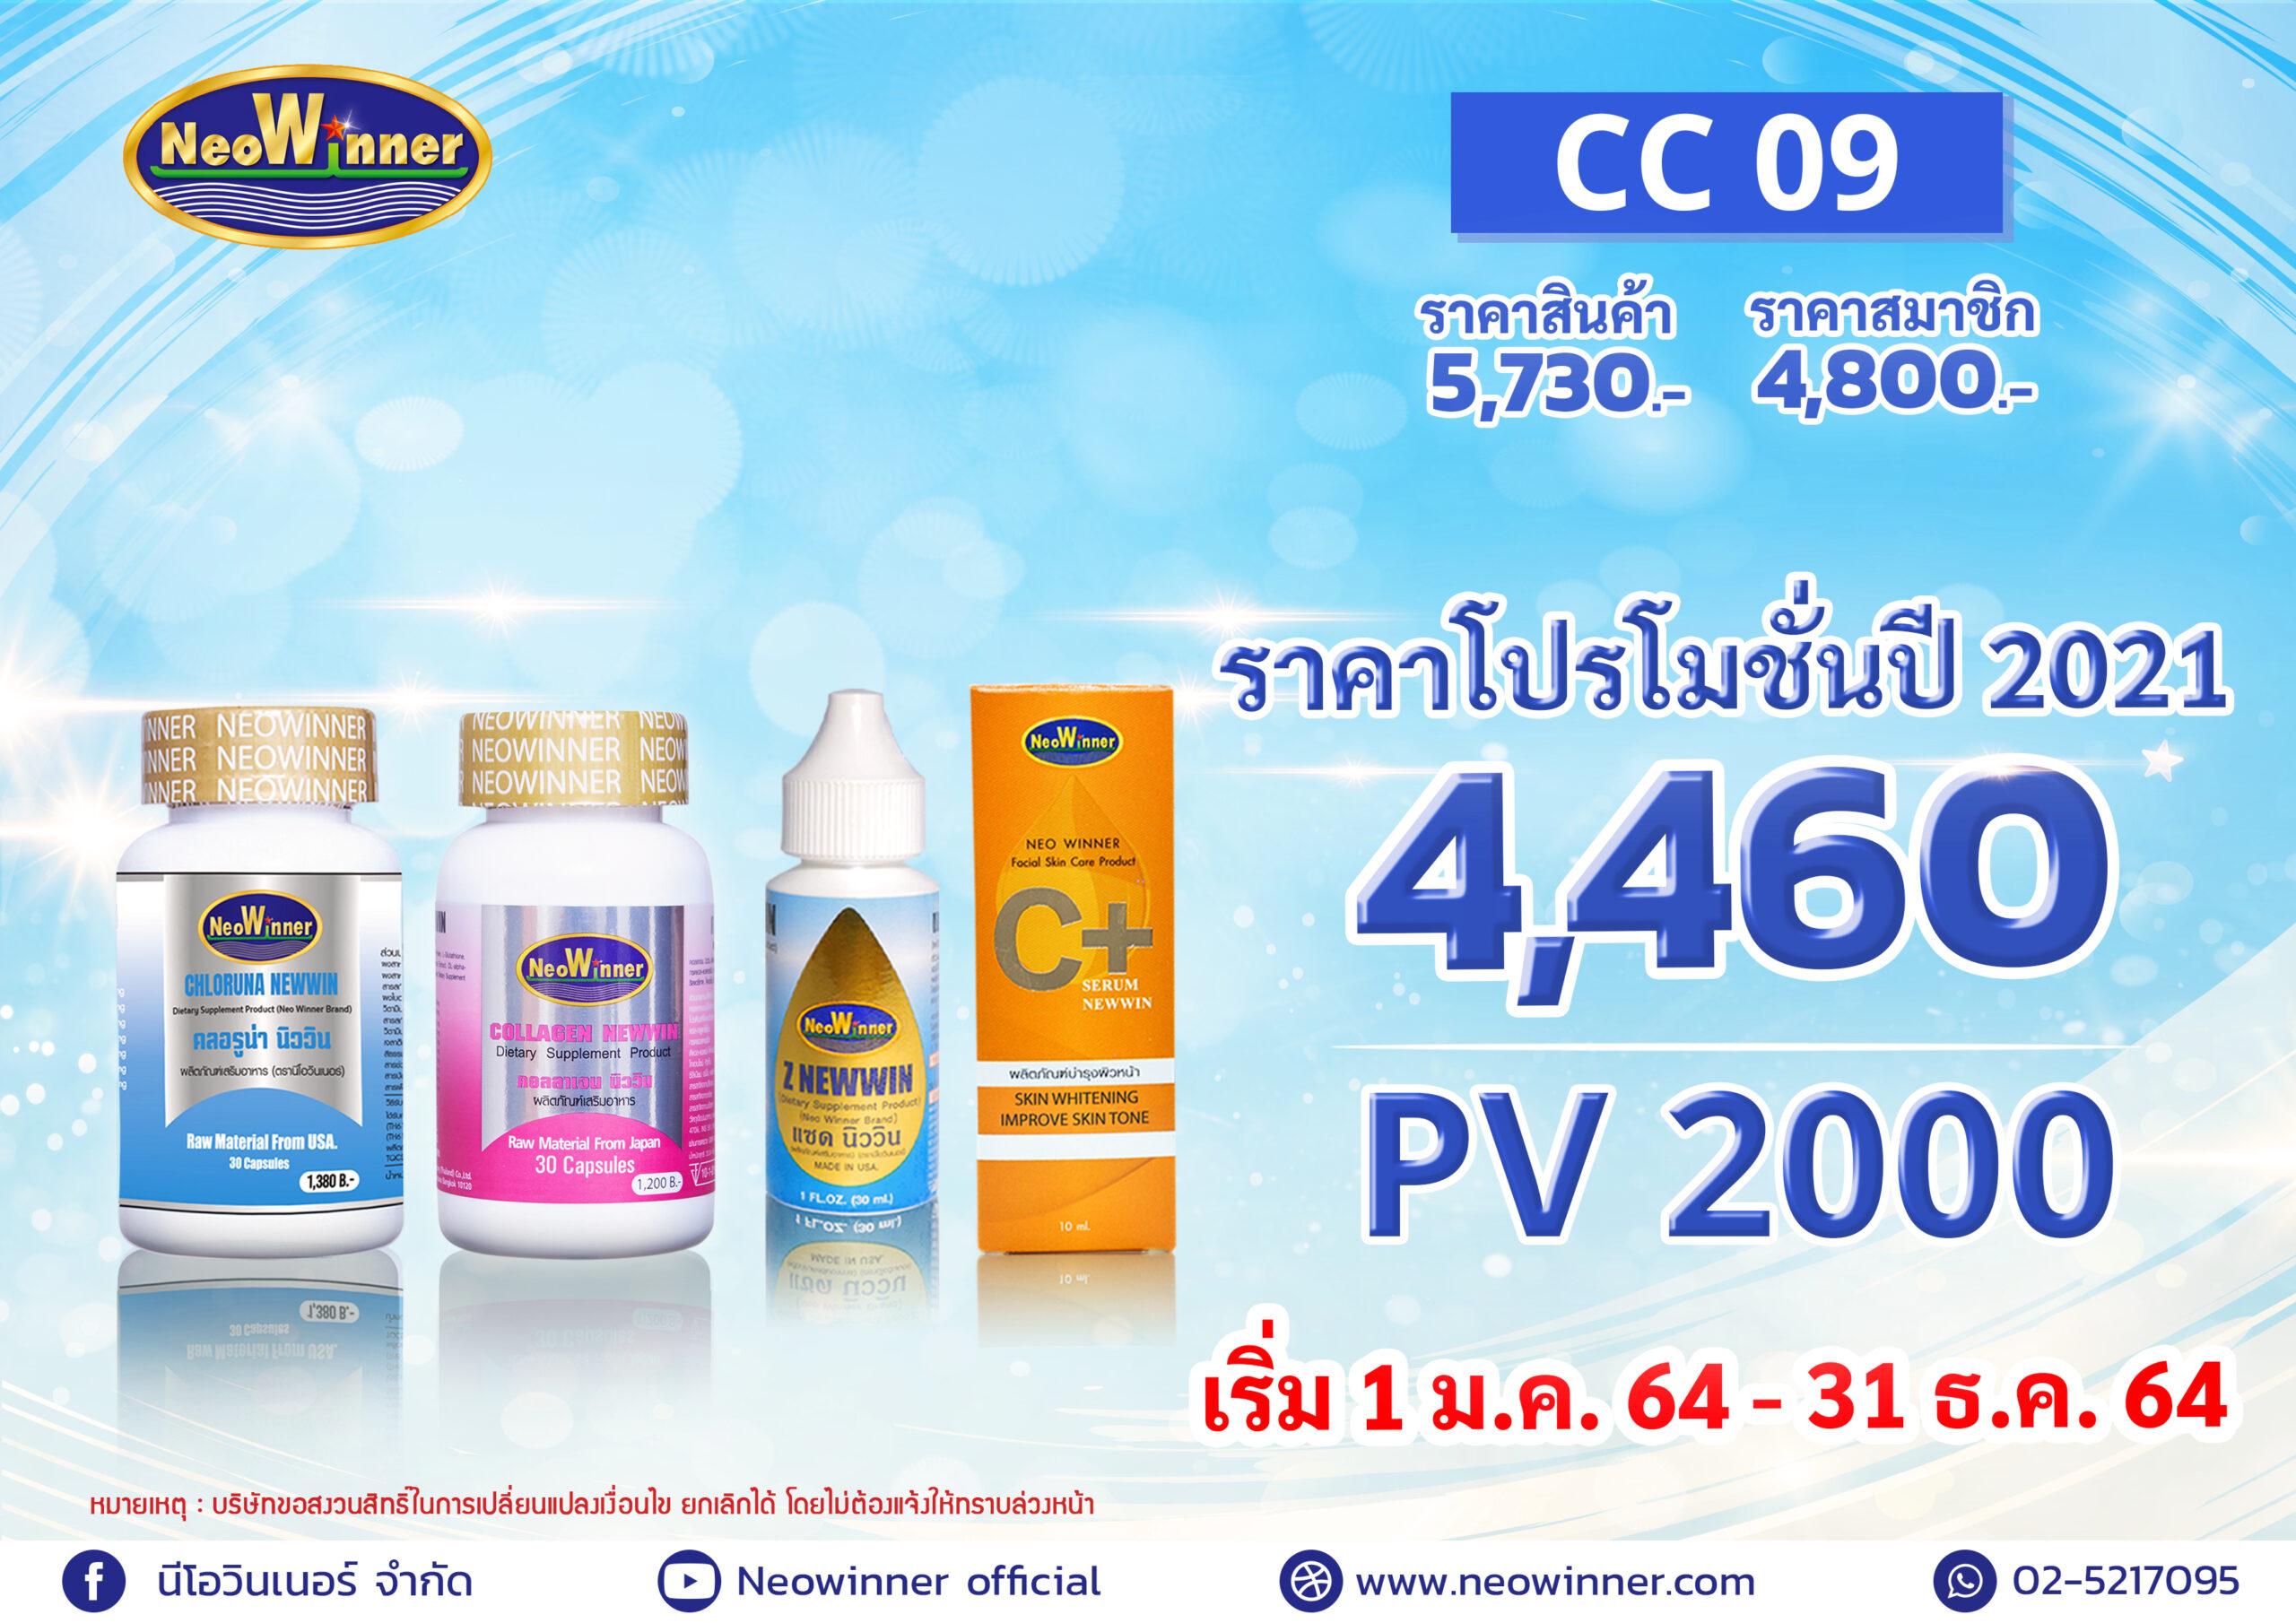 Promotion-CC-09-2021